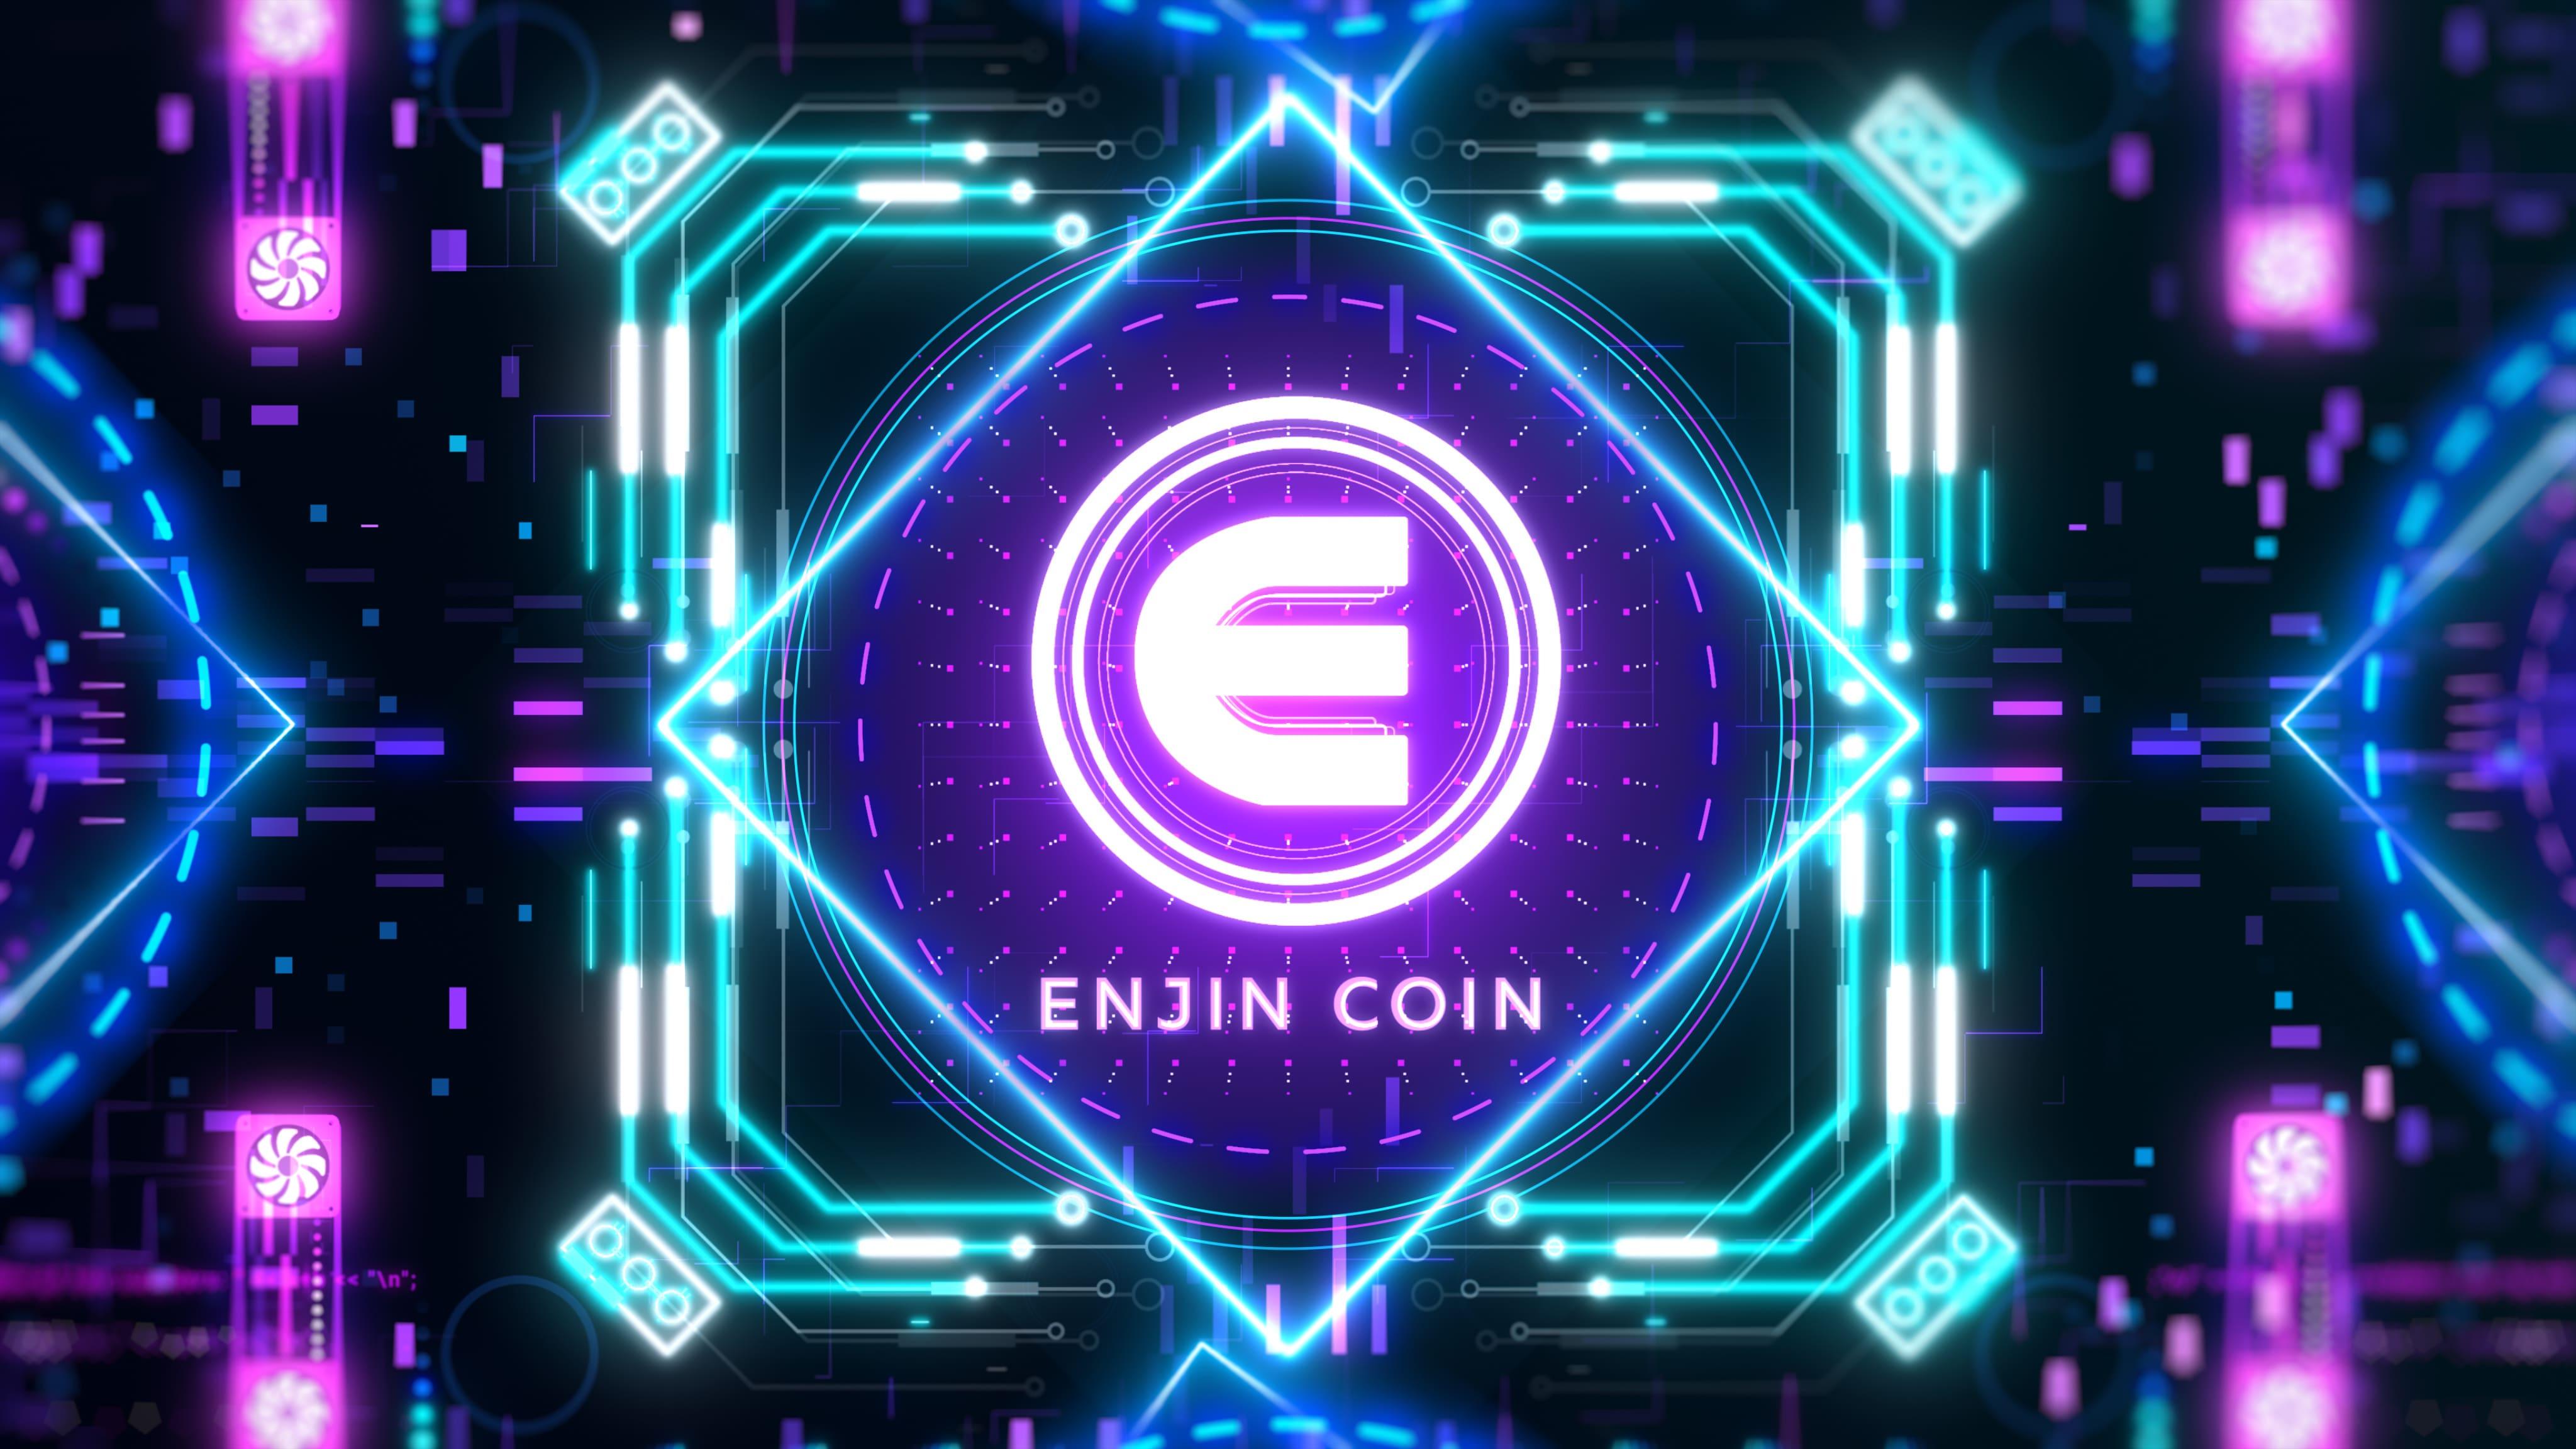 エンジンコイン(ENJ)とは?特徴や今後の展望、購入方法までを簡単解説!